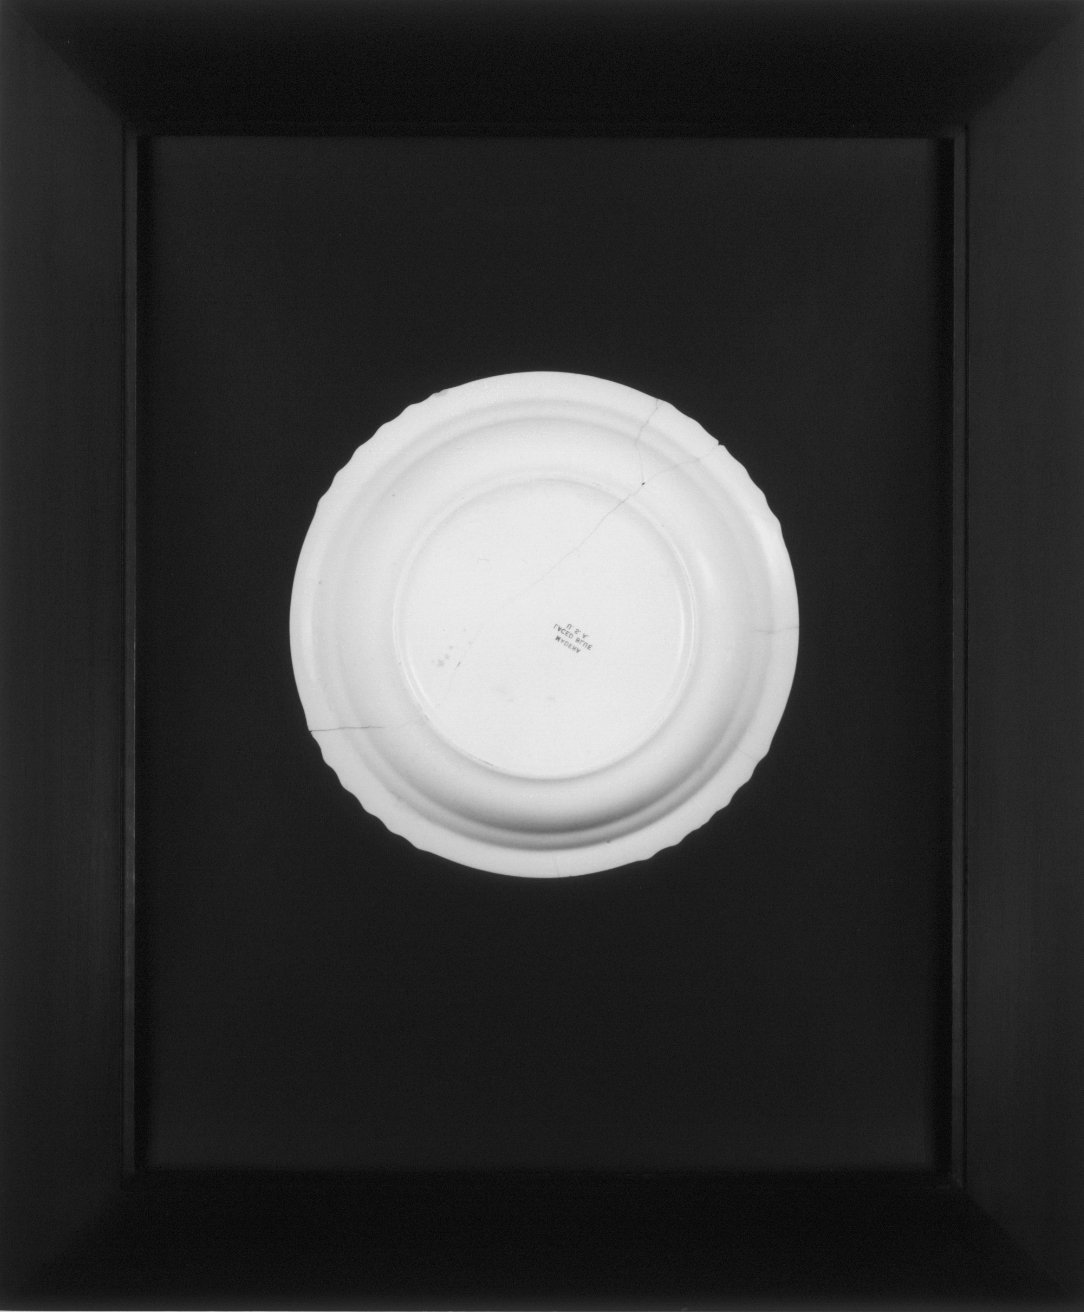 Dish (framed)